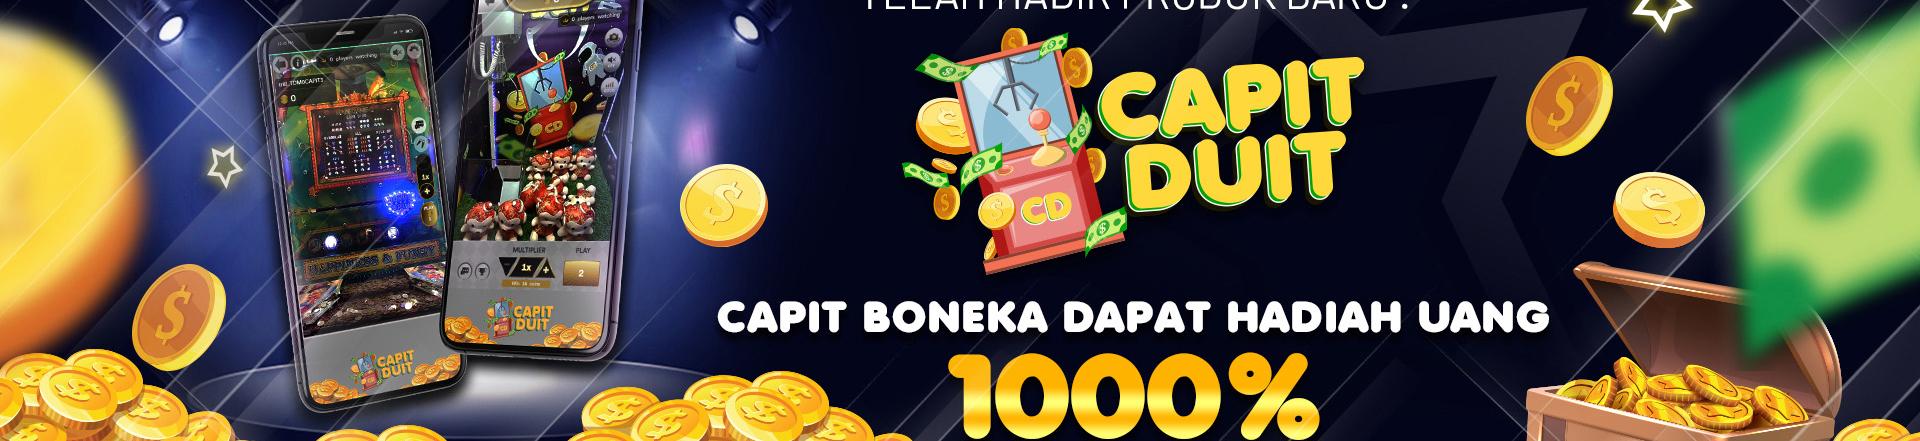 Capit duit